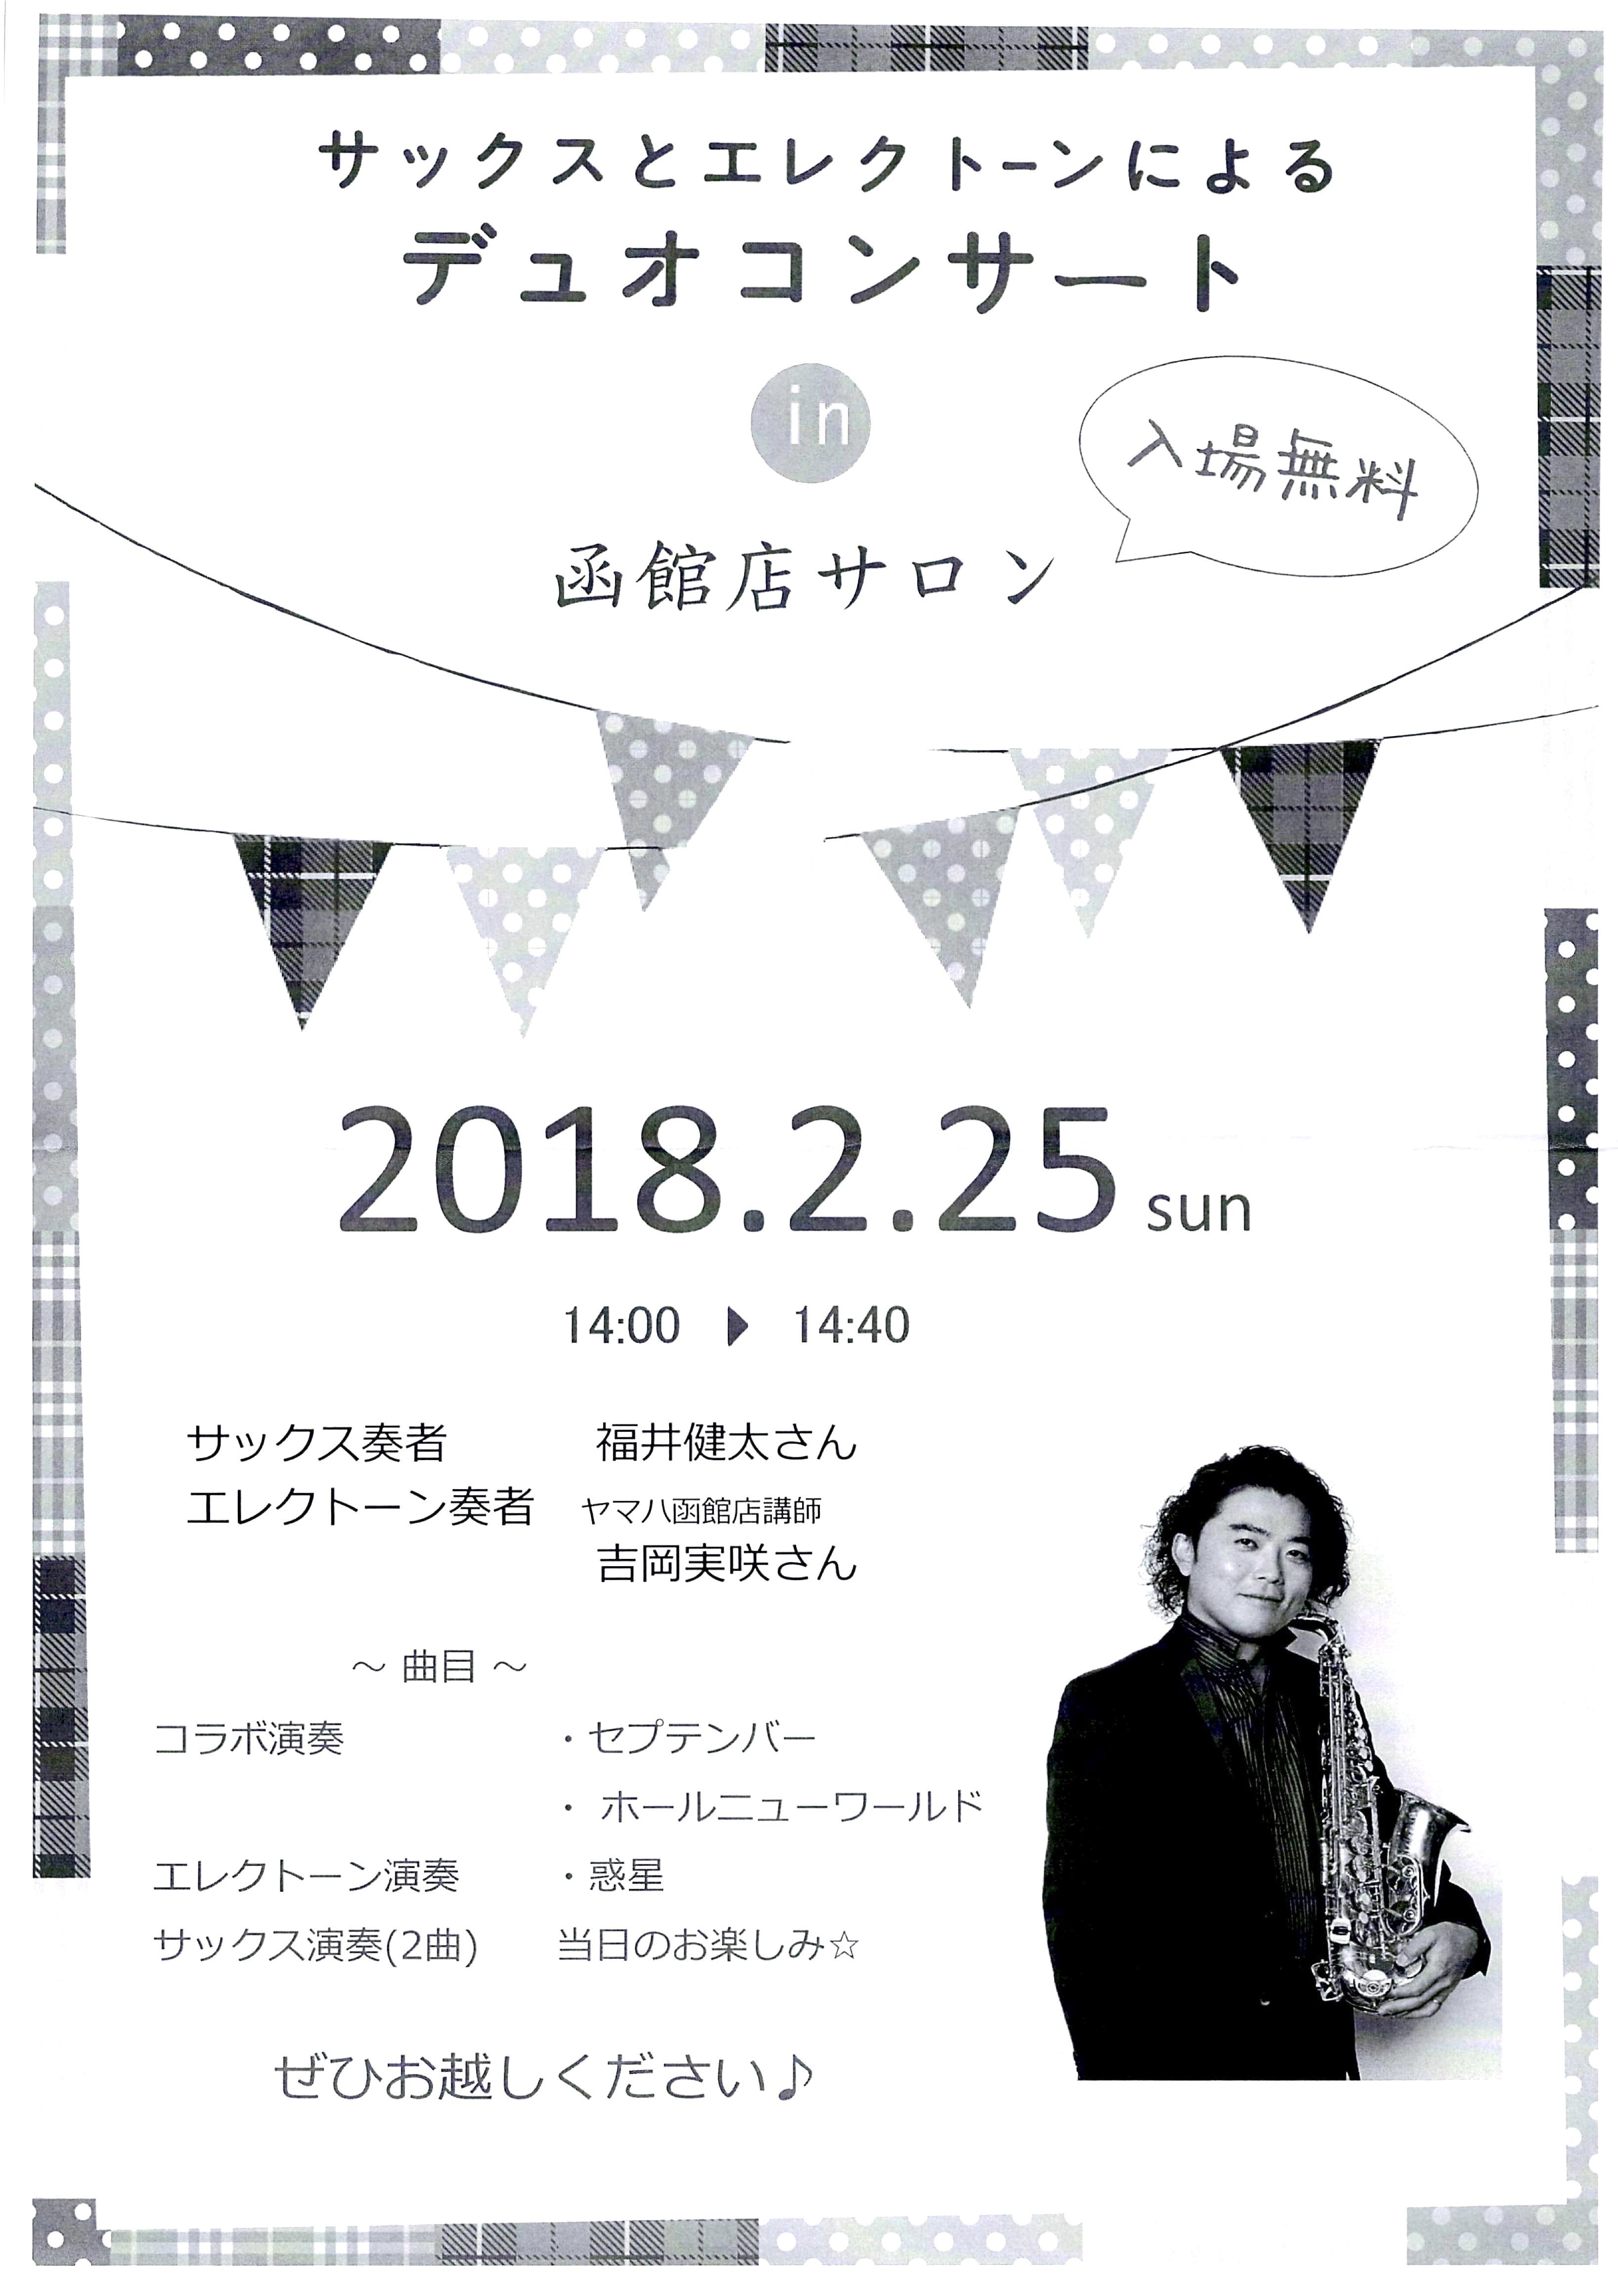 福井健太氏5